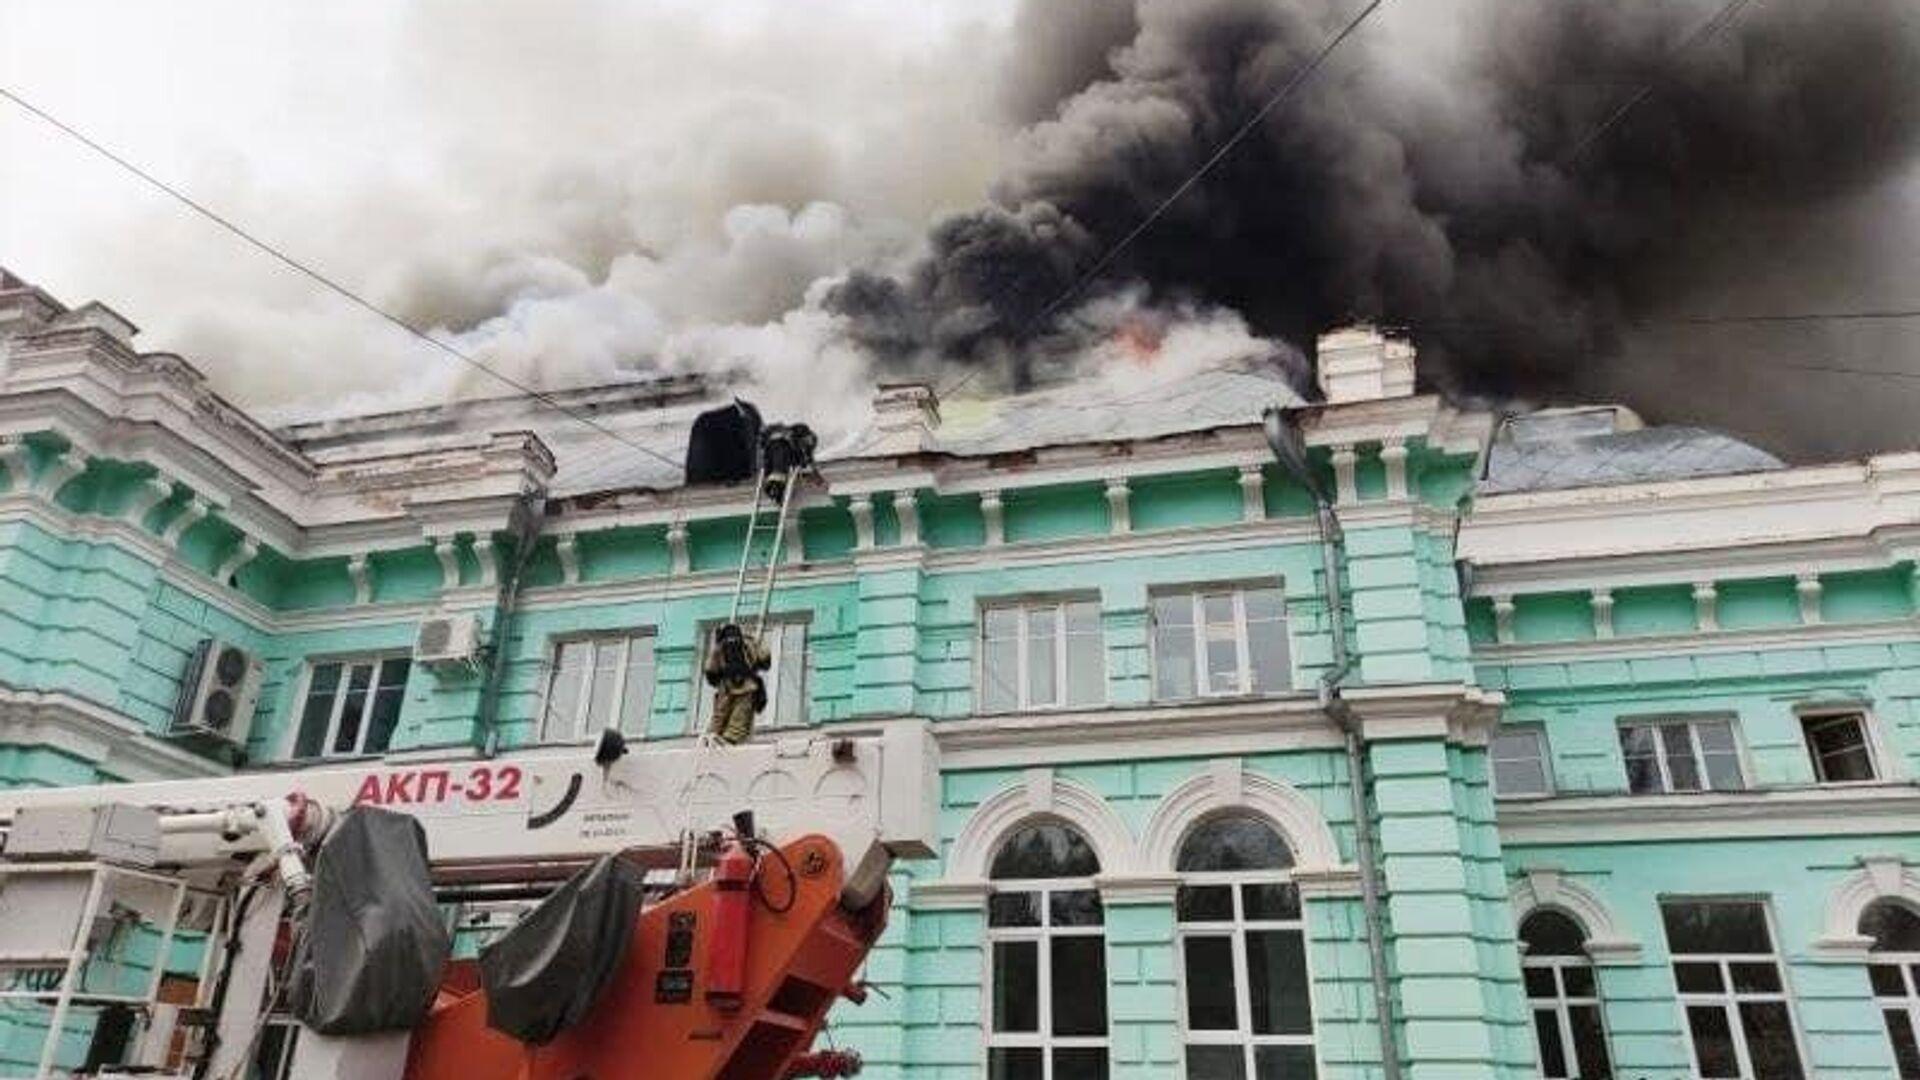 Пожар в кардиохирургическом центре в Благовещенске - РИА Новости, 1920, 11.06.2021